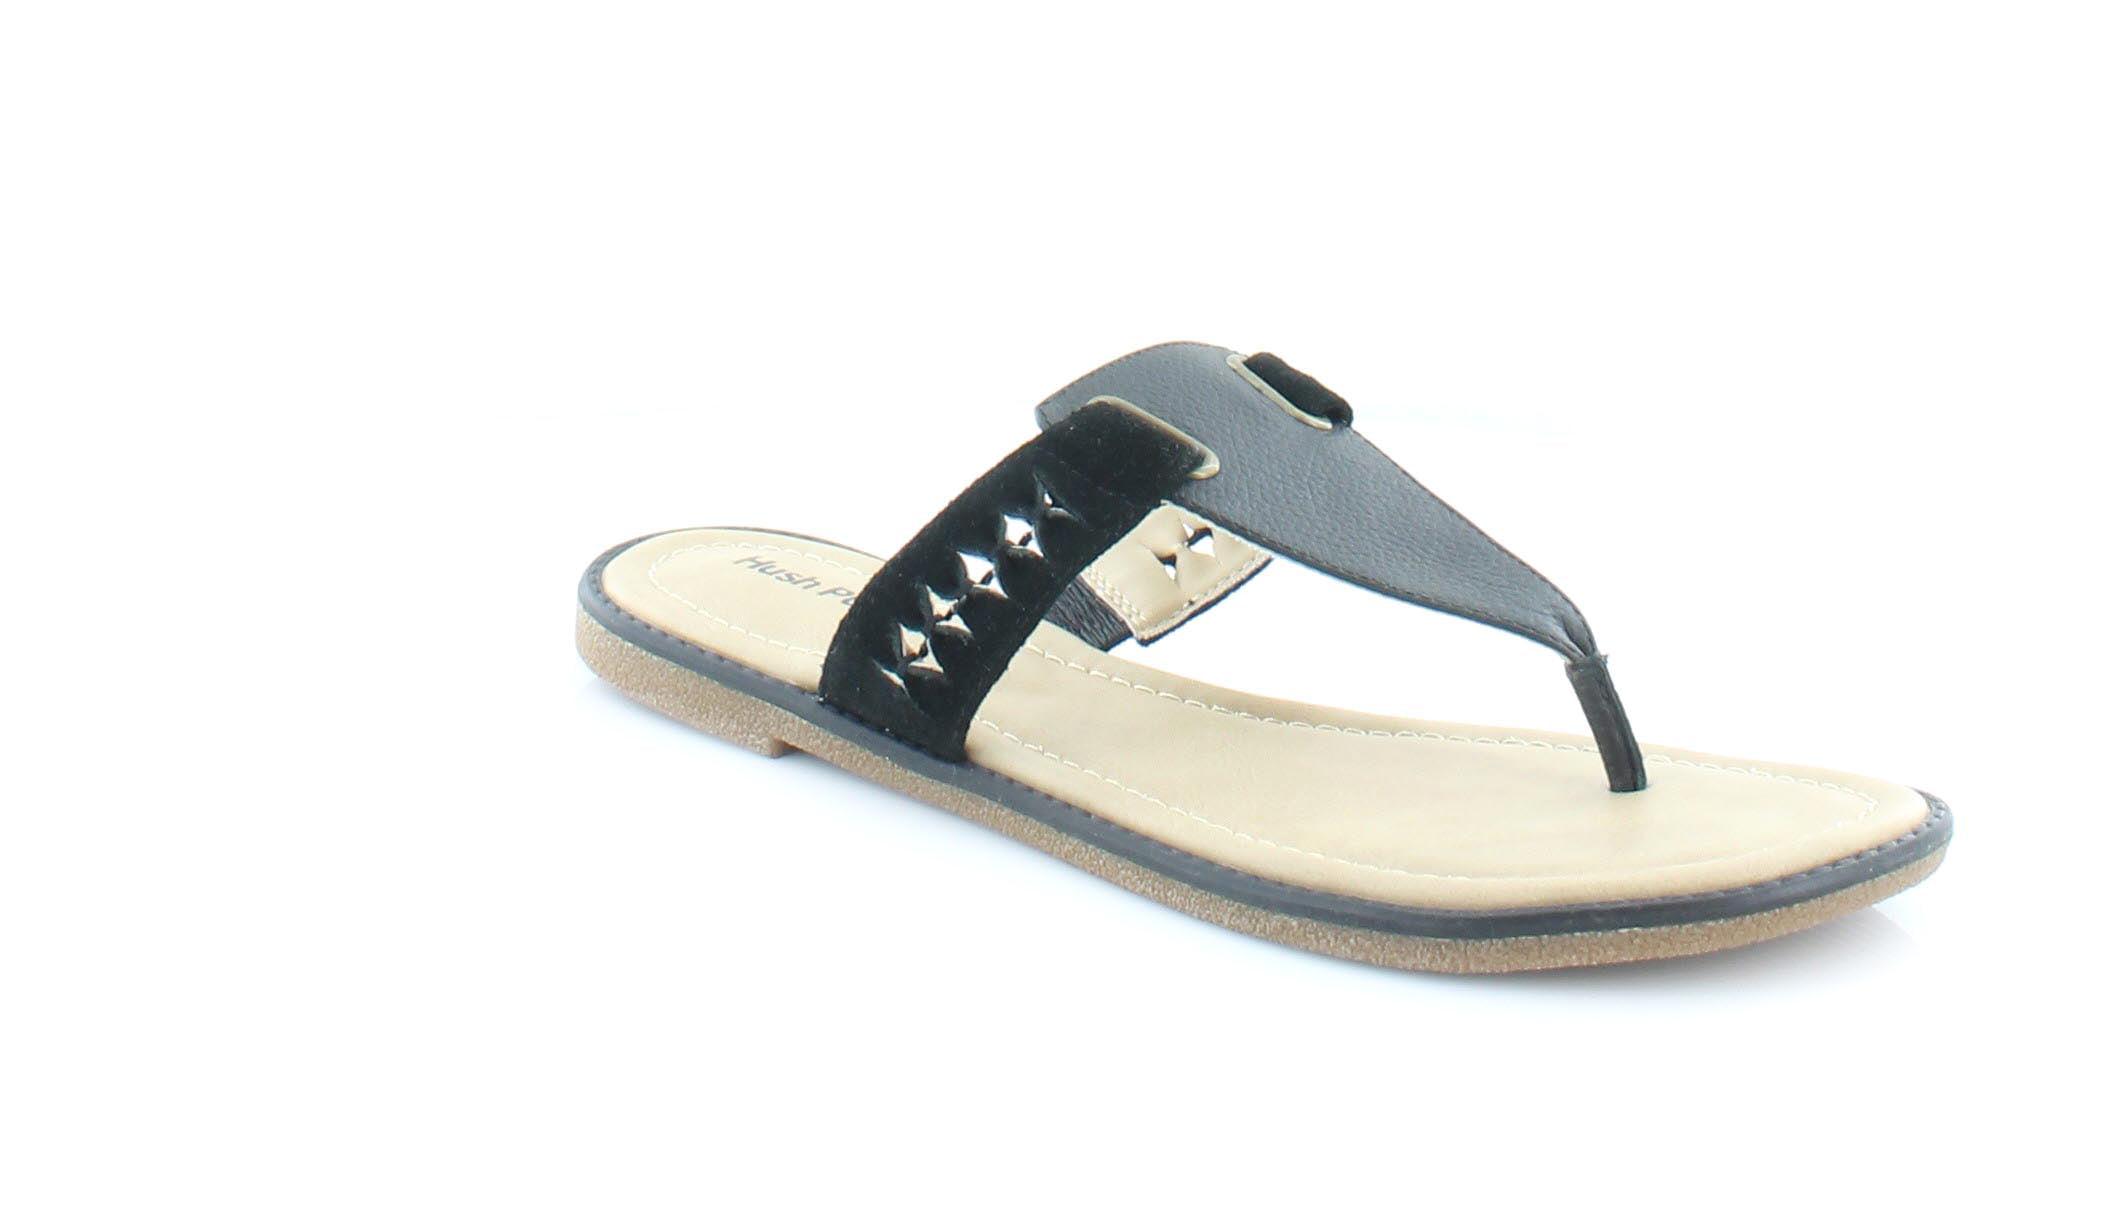 Hush Puppies Erin Capo IIV Women's Sandals & Flip Flops by